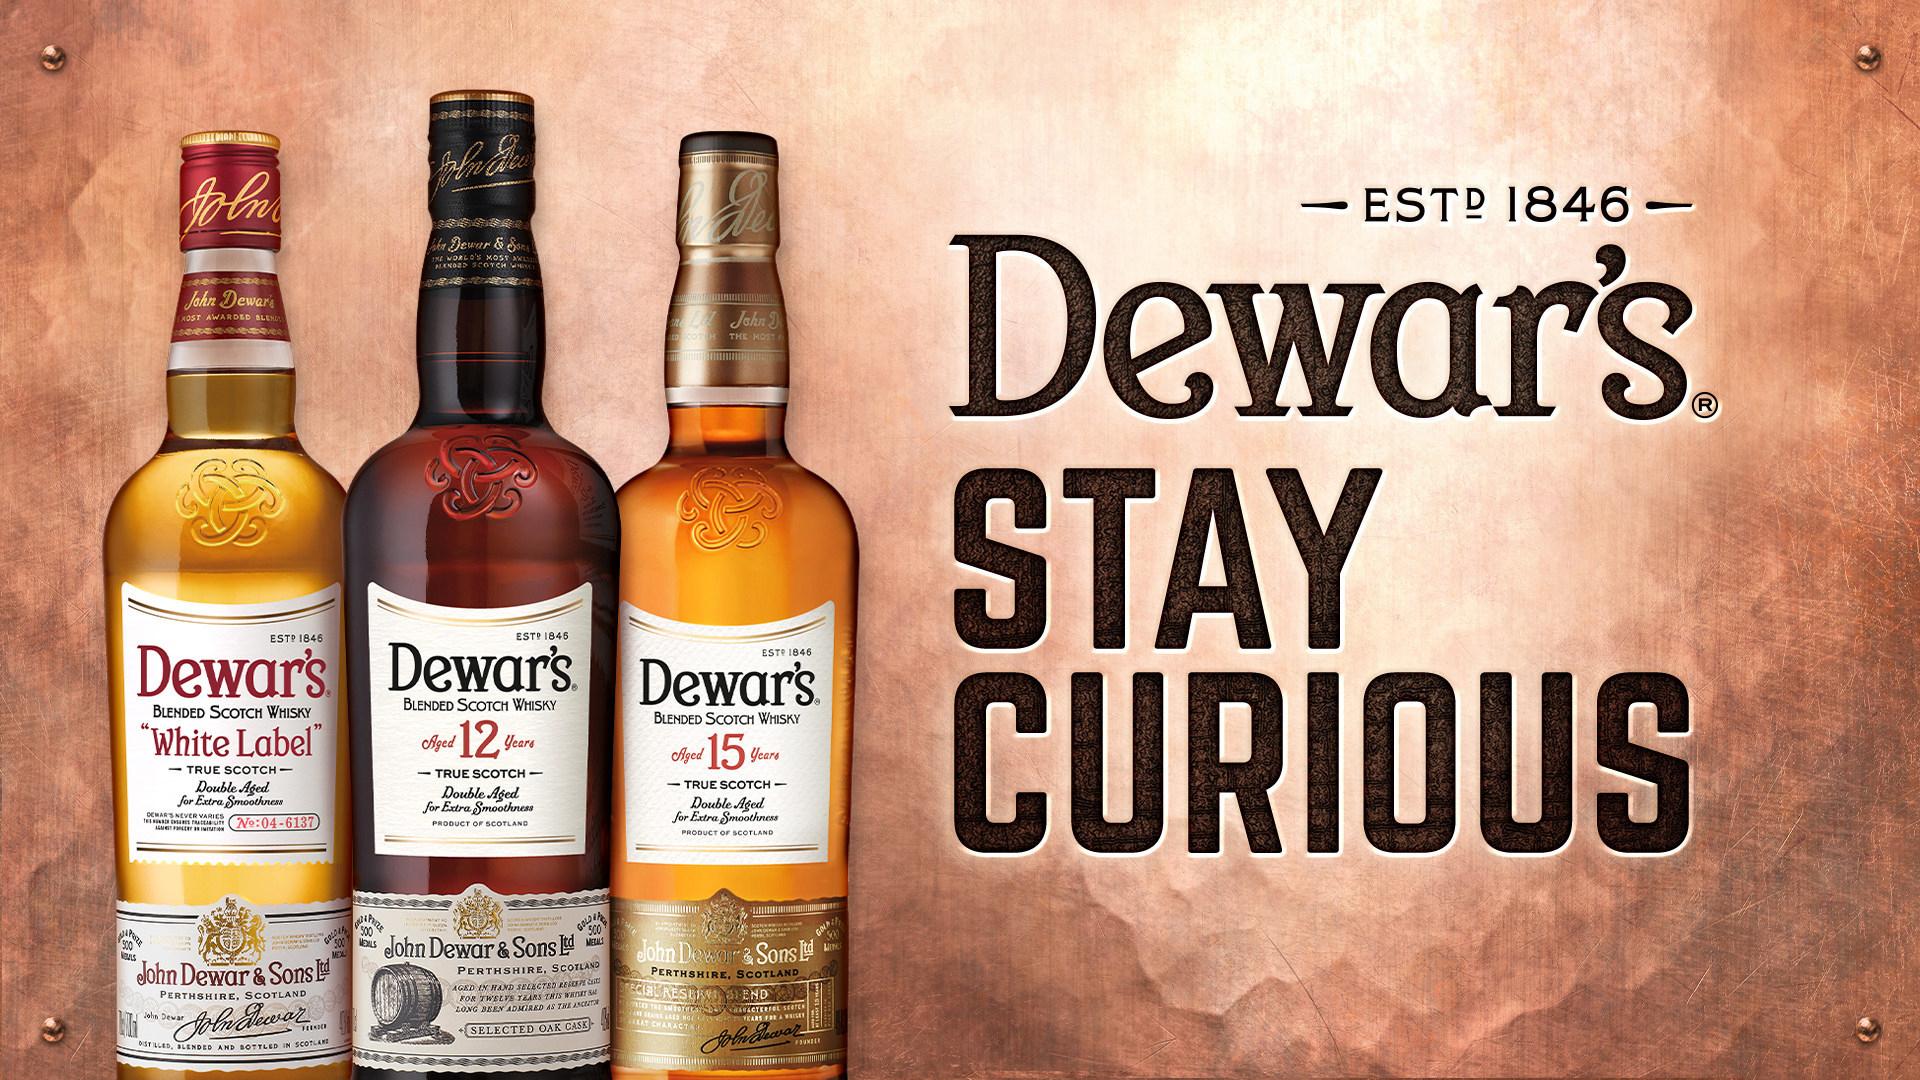 Dewar's Stay Curious